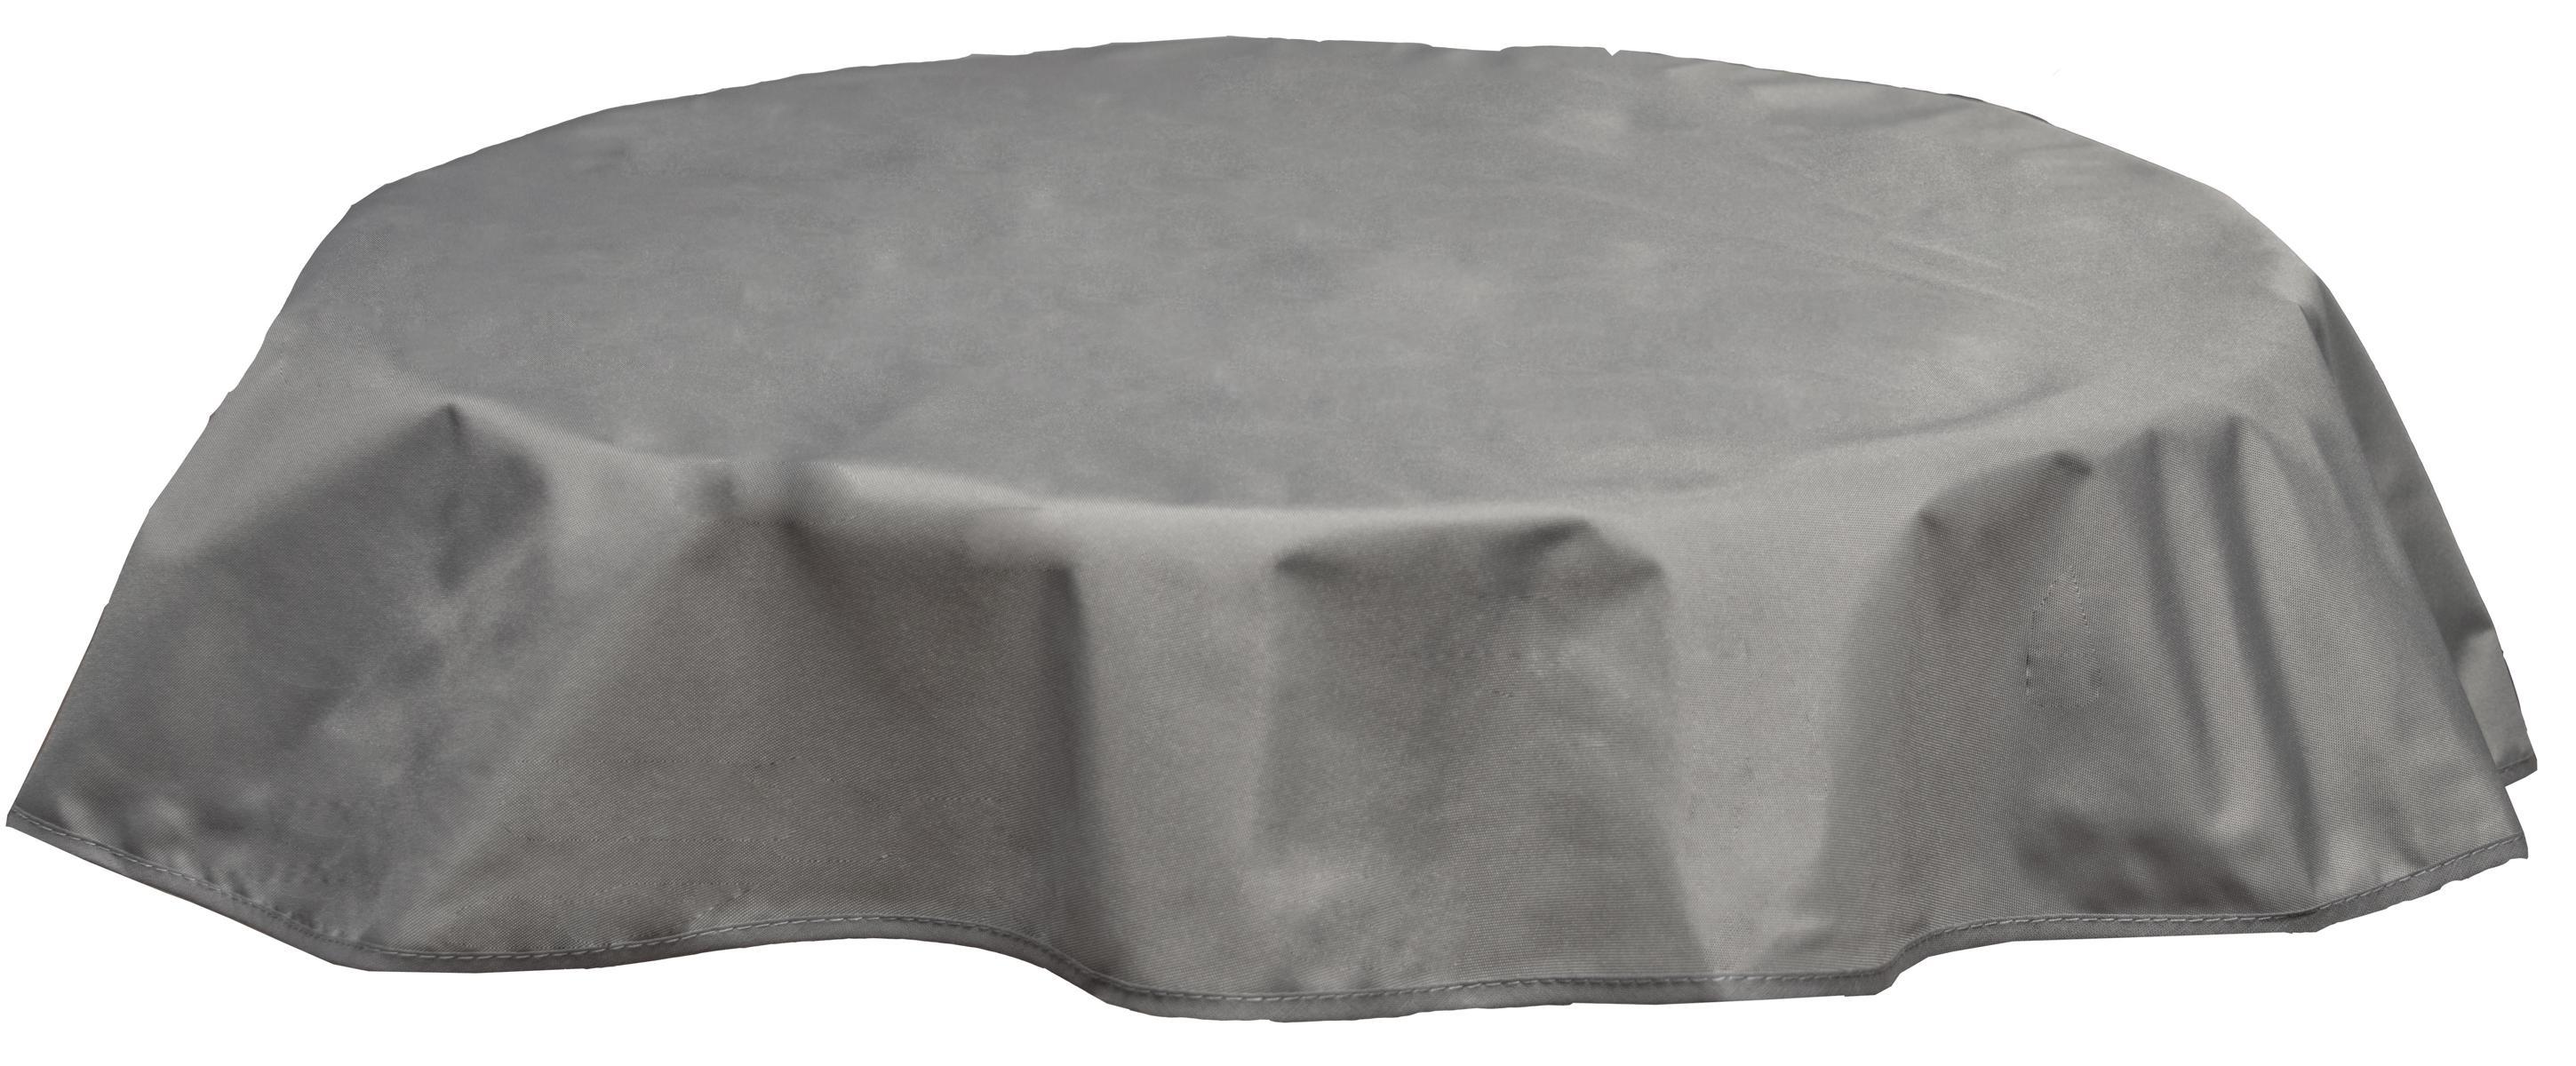 Runde Tischdecke 160cm wasserabweisend 100% Polyester in hellgrau